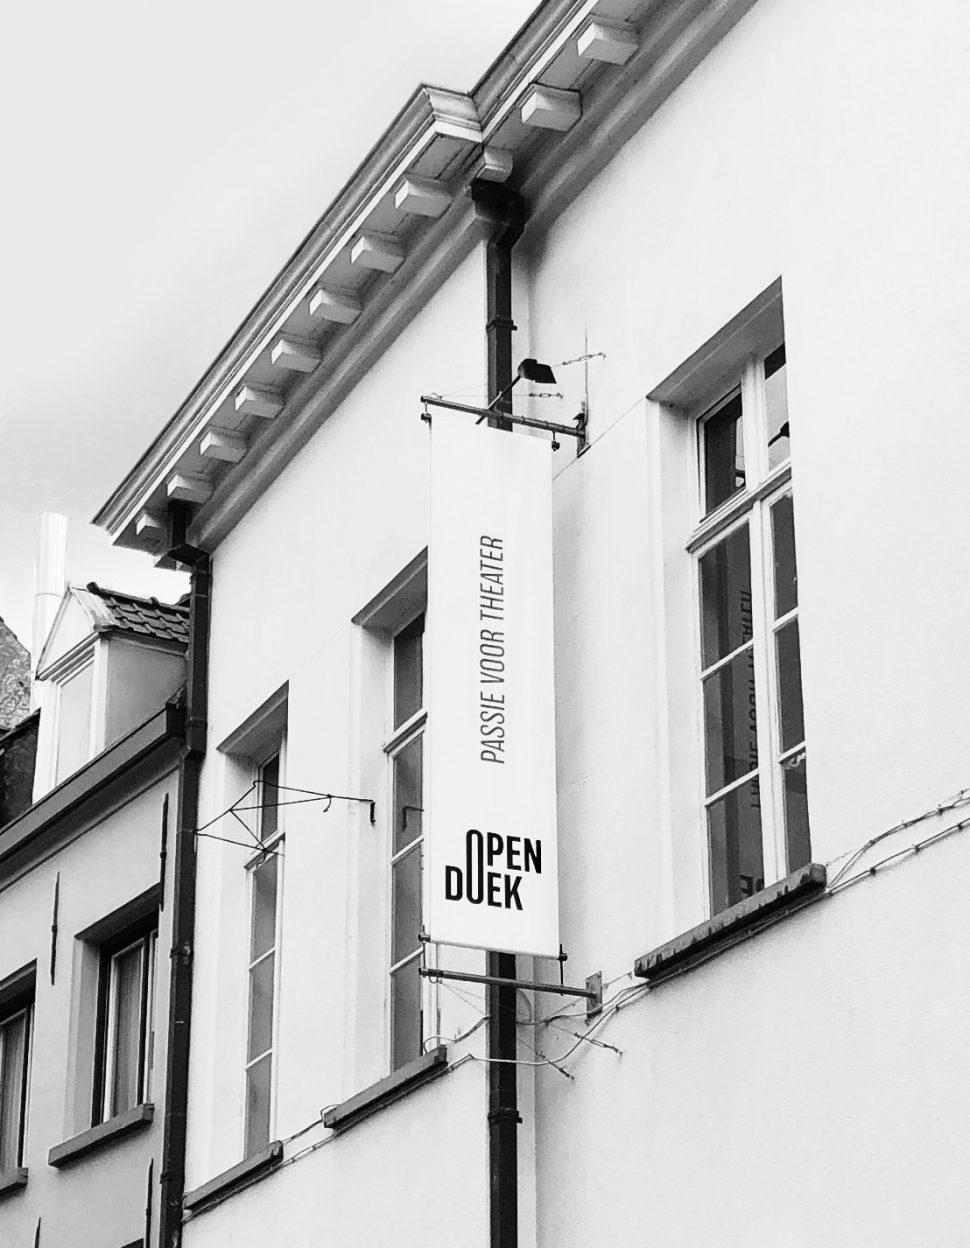 Opendoek banner Zirkstraat Antwerpen